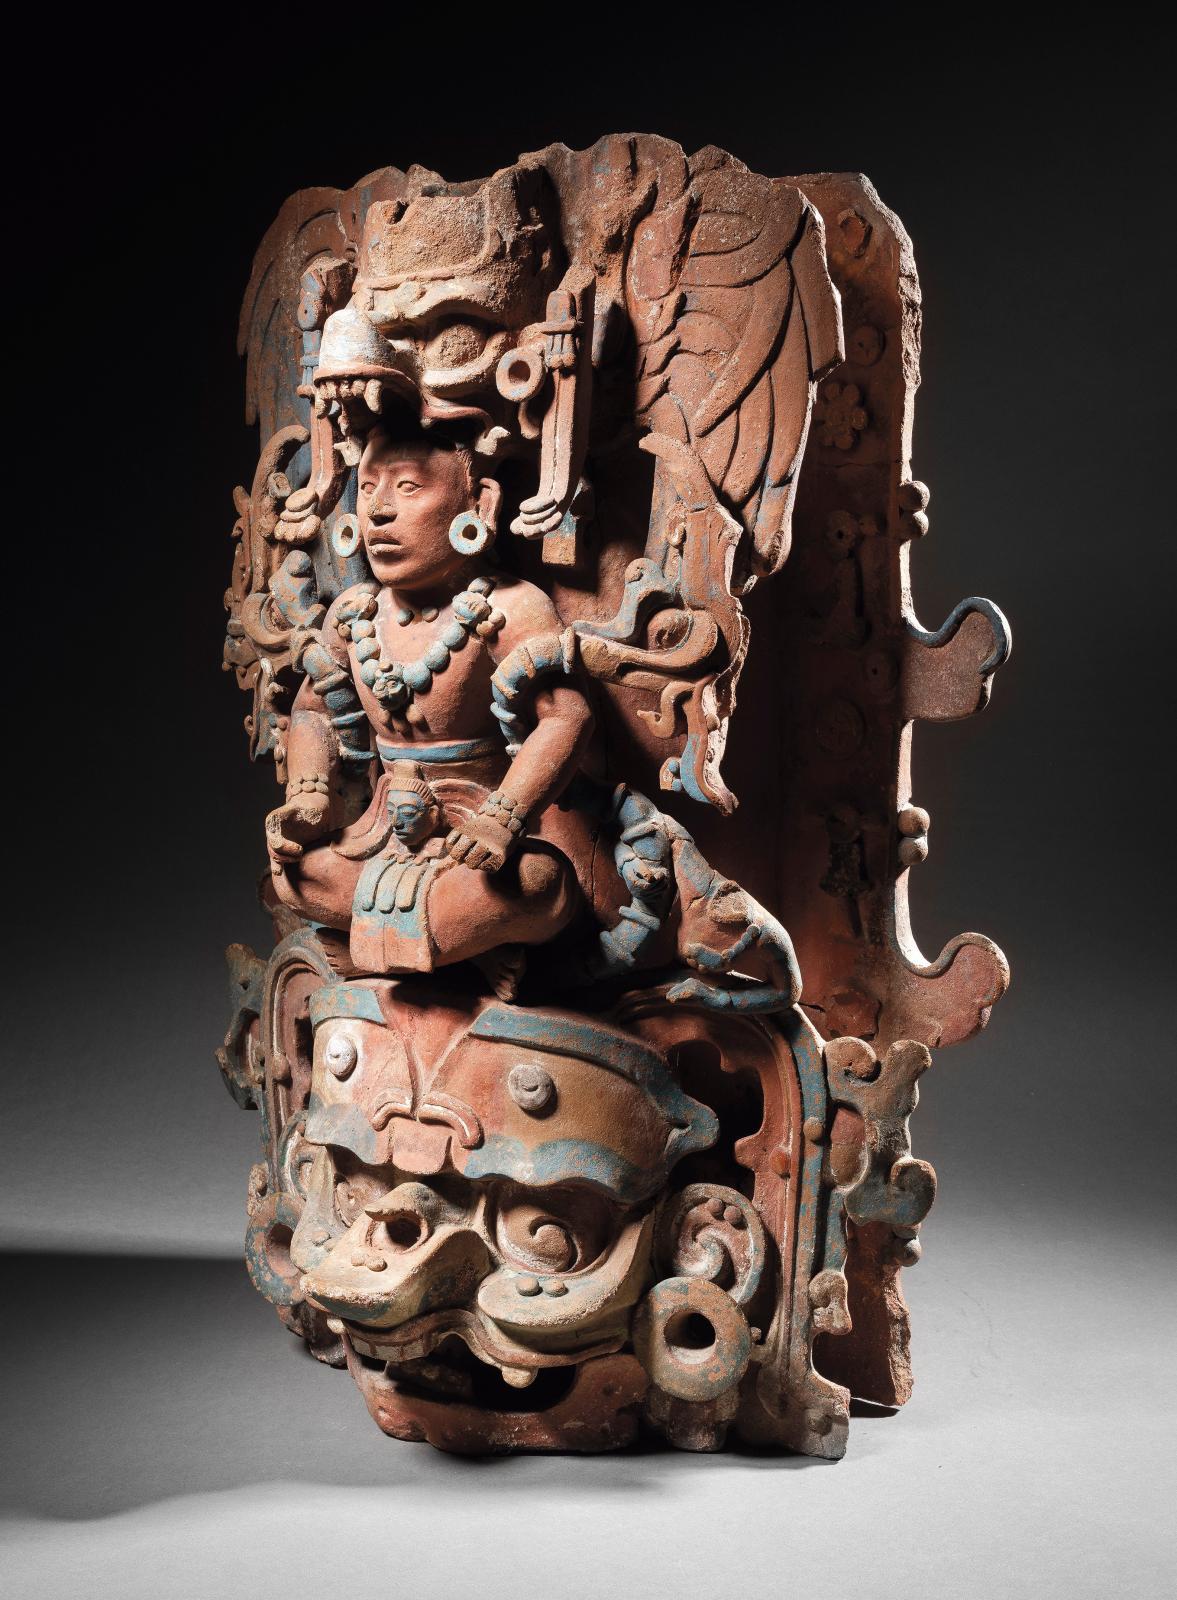 Mexique, Chiapas, culture maya, 600-900. Support d'encensoir représentant un seigneur assis, céramique modelée polychrome, 58x40x36cm